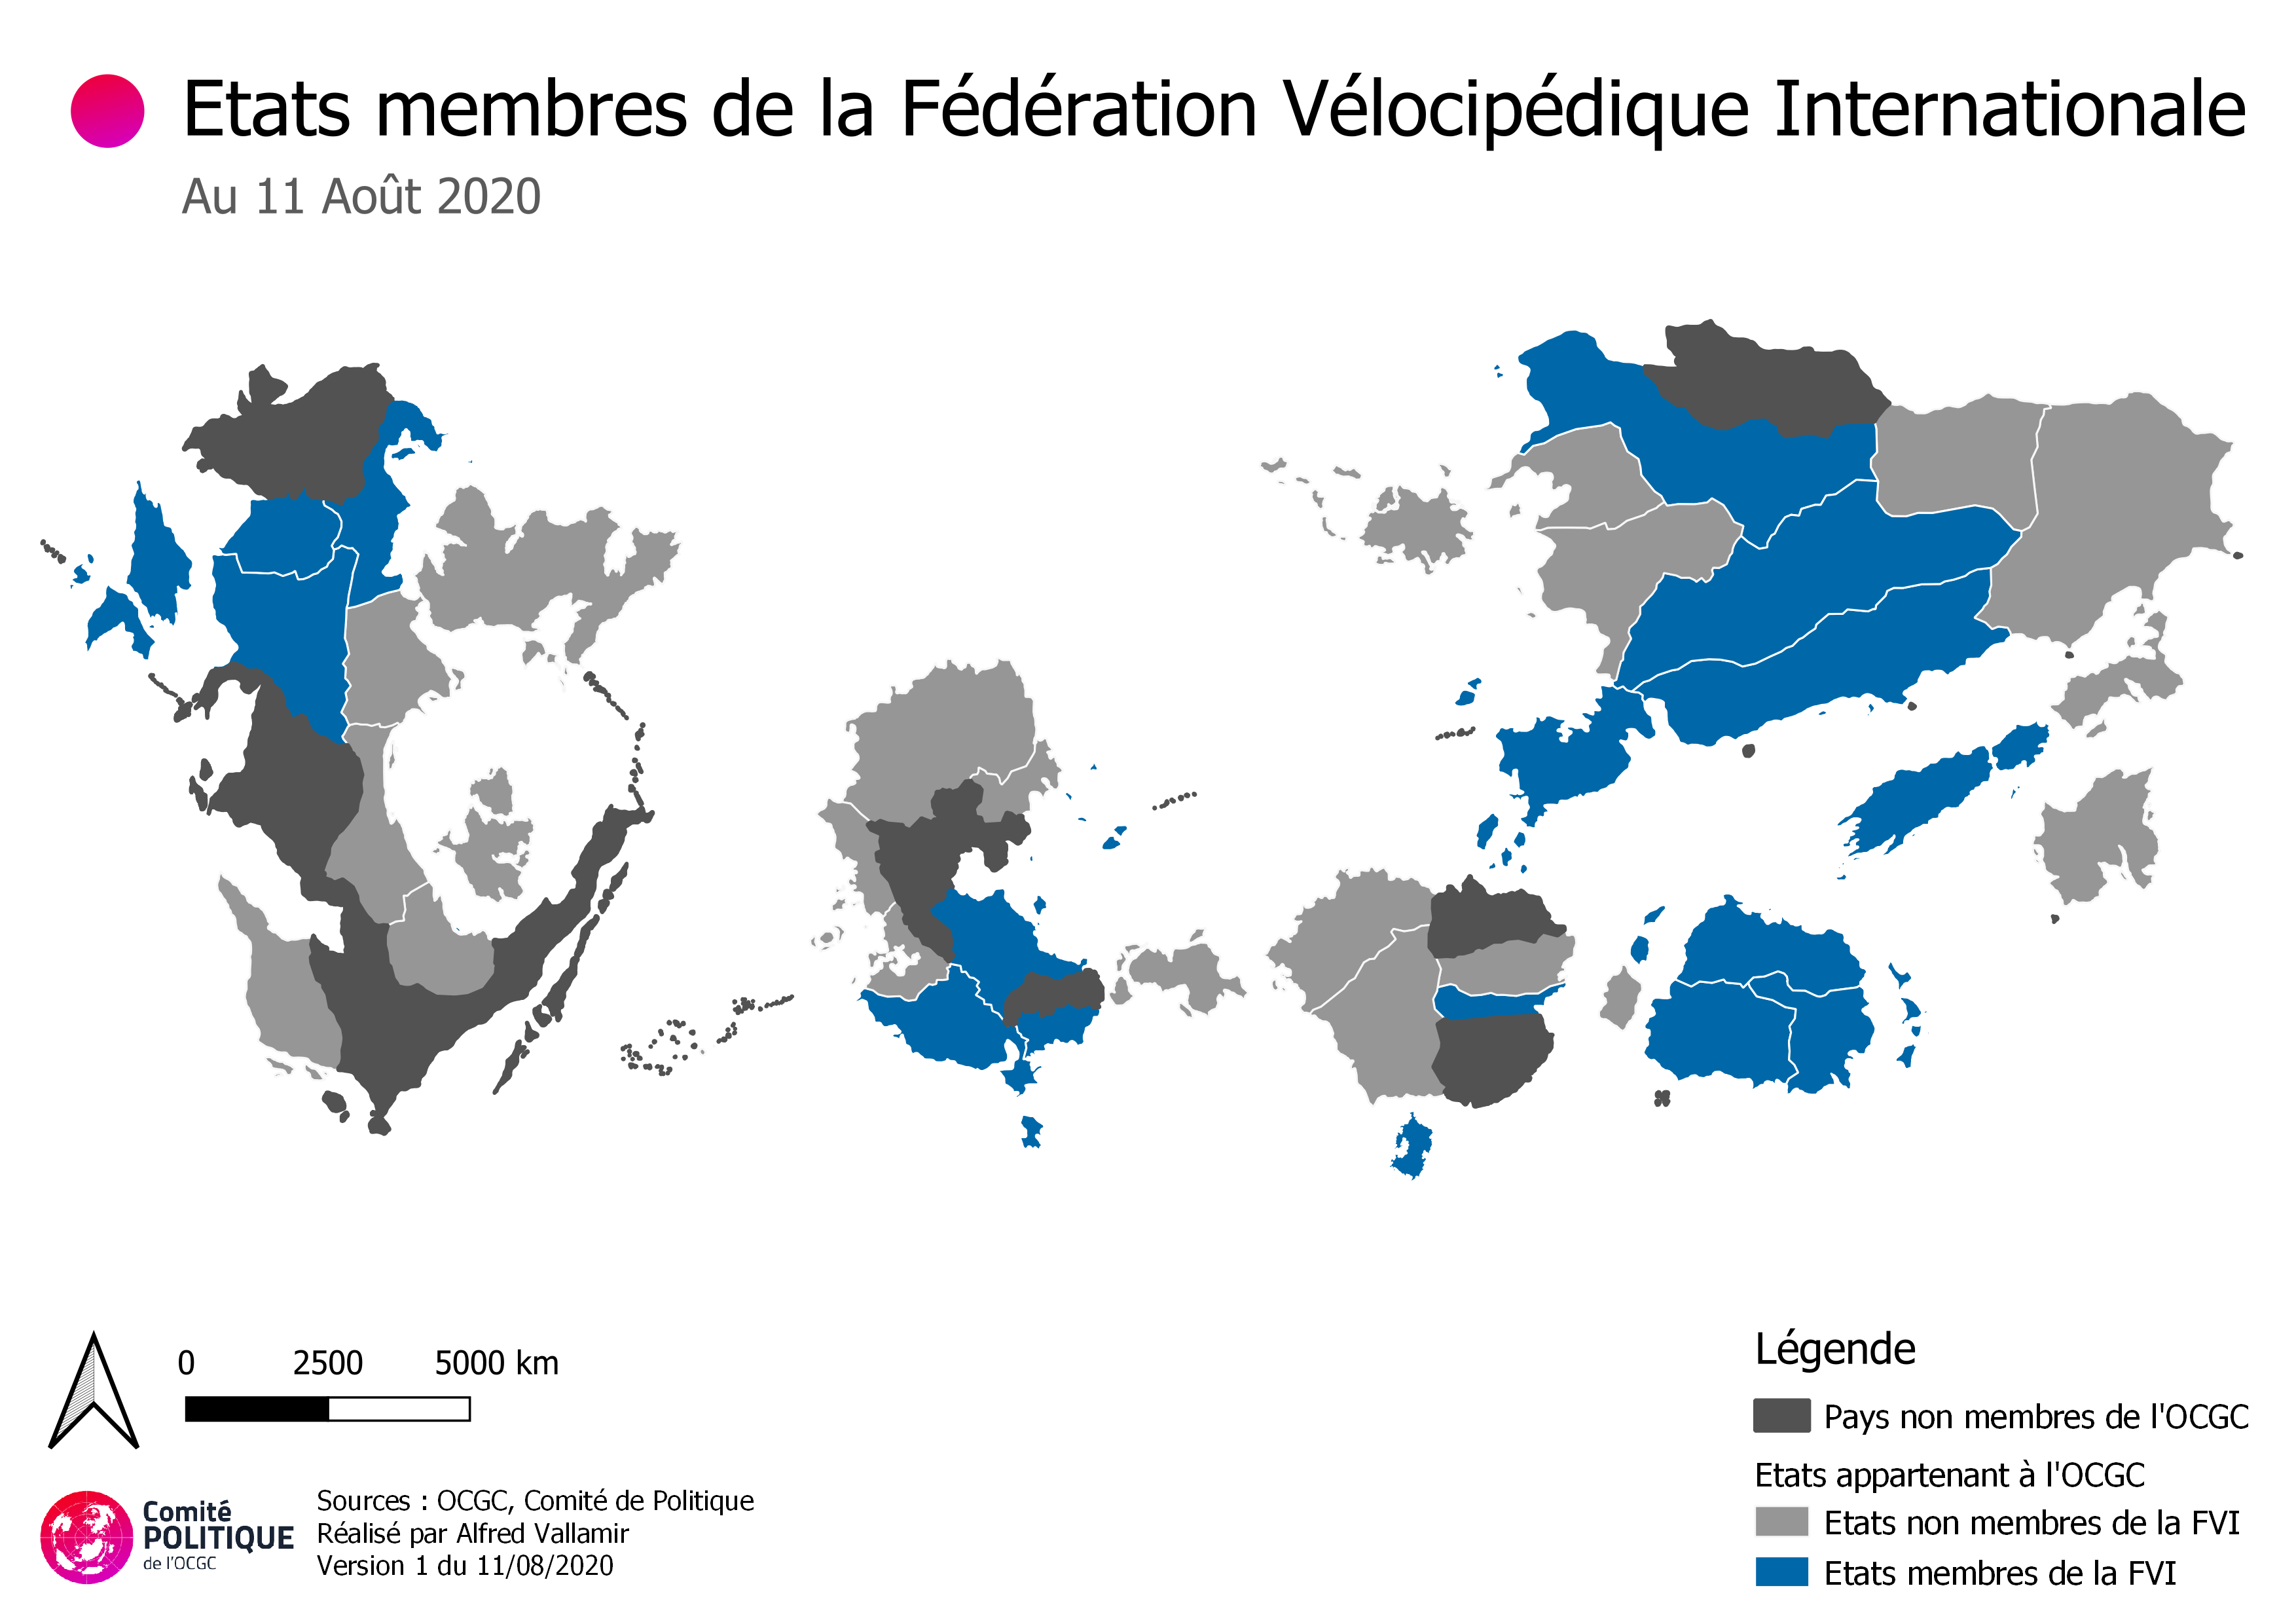 Atlas du comité de politique - L'édition 2021 disponible ! - Page 6 FVI110820